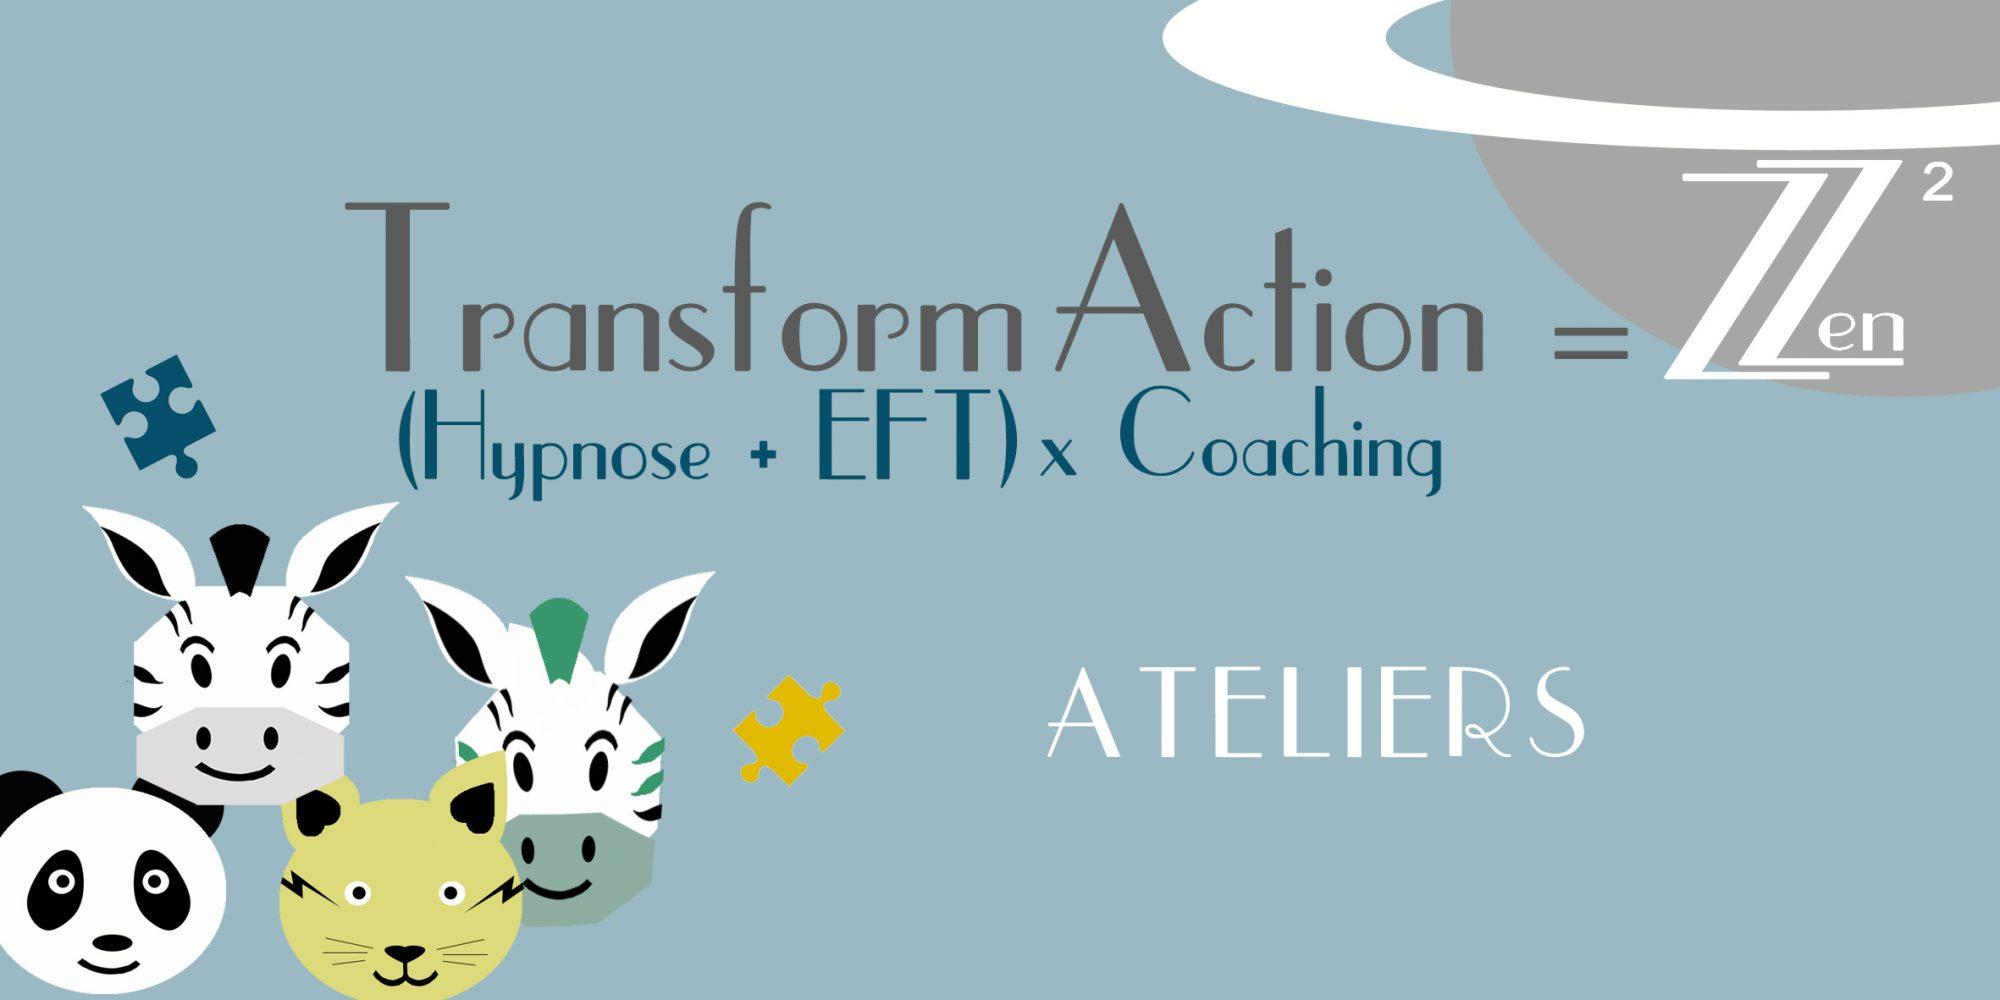 Ateliers pour les enfants et adolescents : éducation à la non violence, relaxation et méditation, principes Toltèques